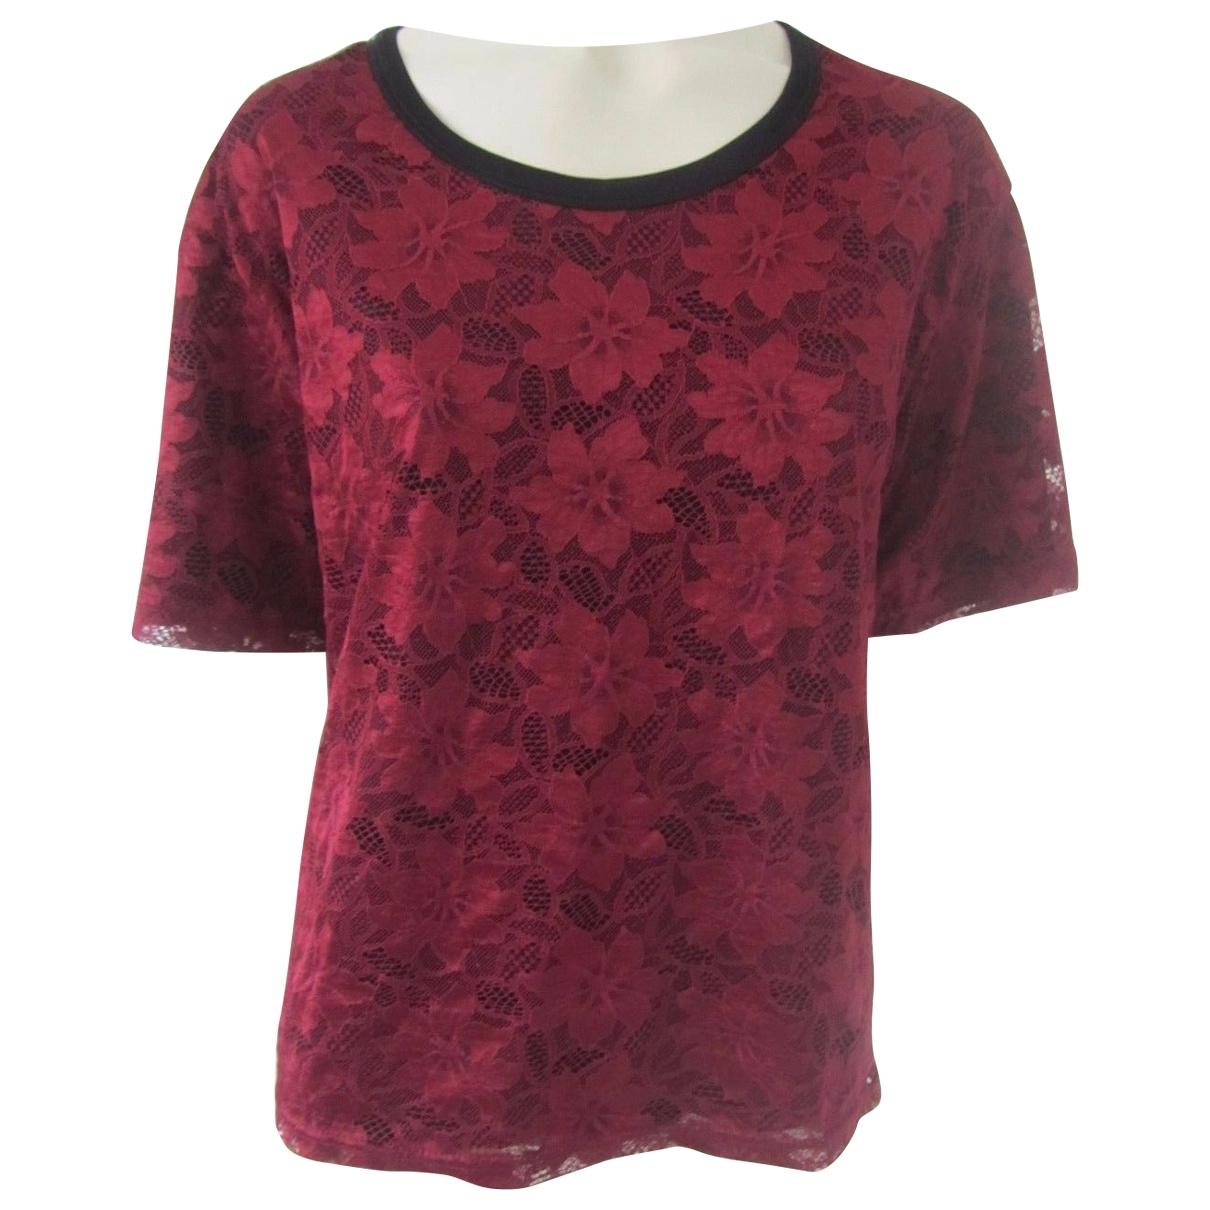 Dolce & Gabbana - Top   pour femme en dentelle - rouge